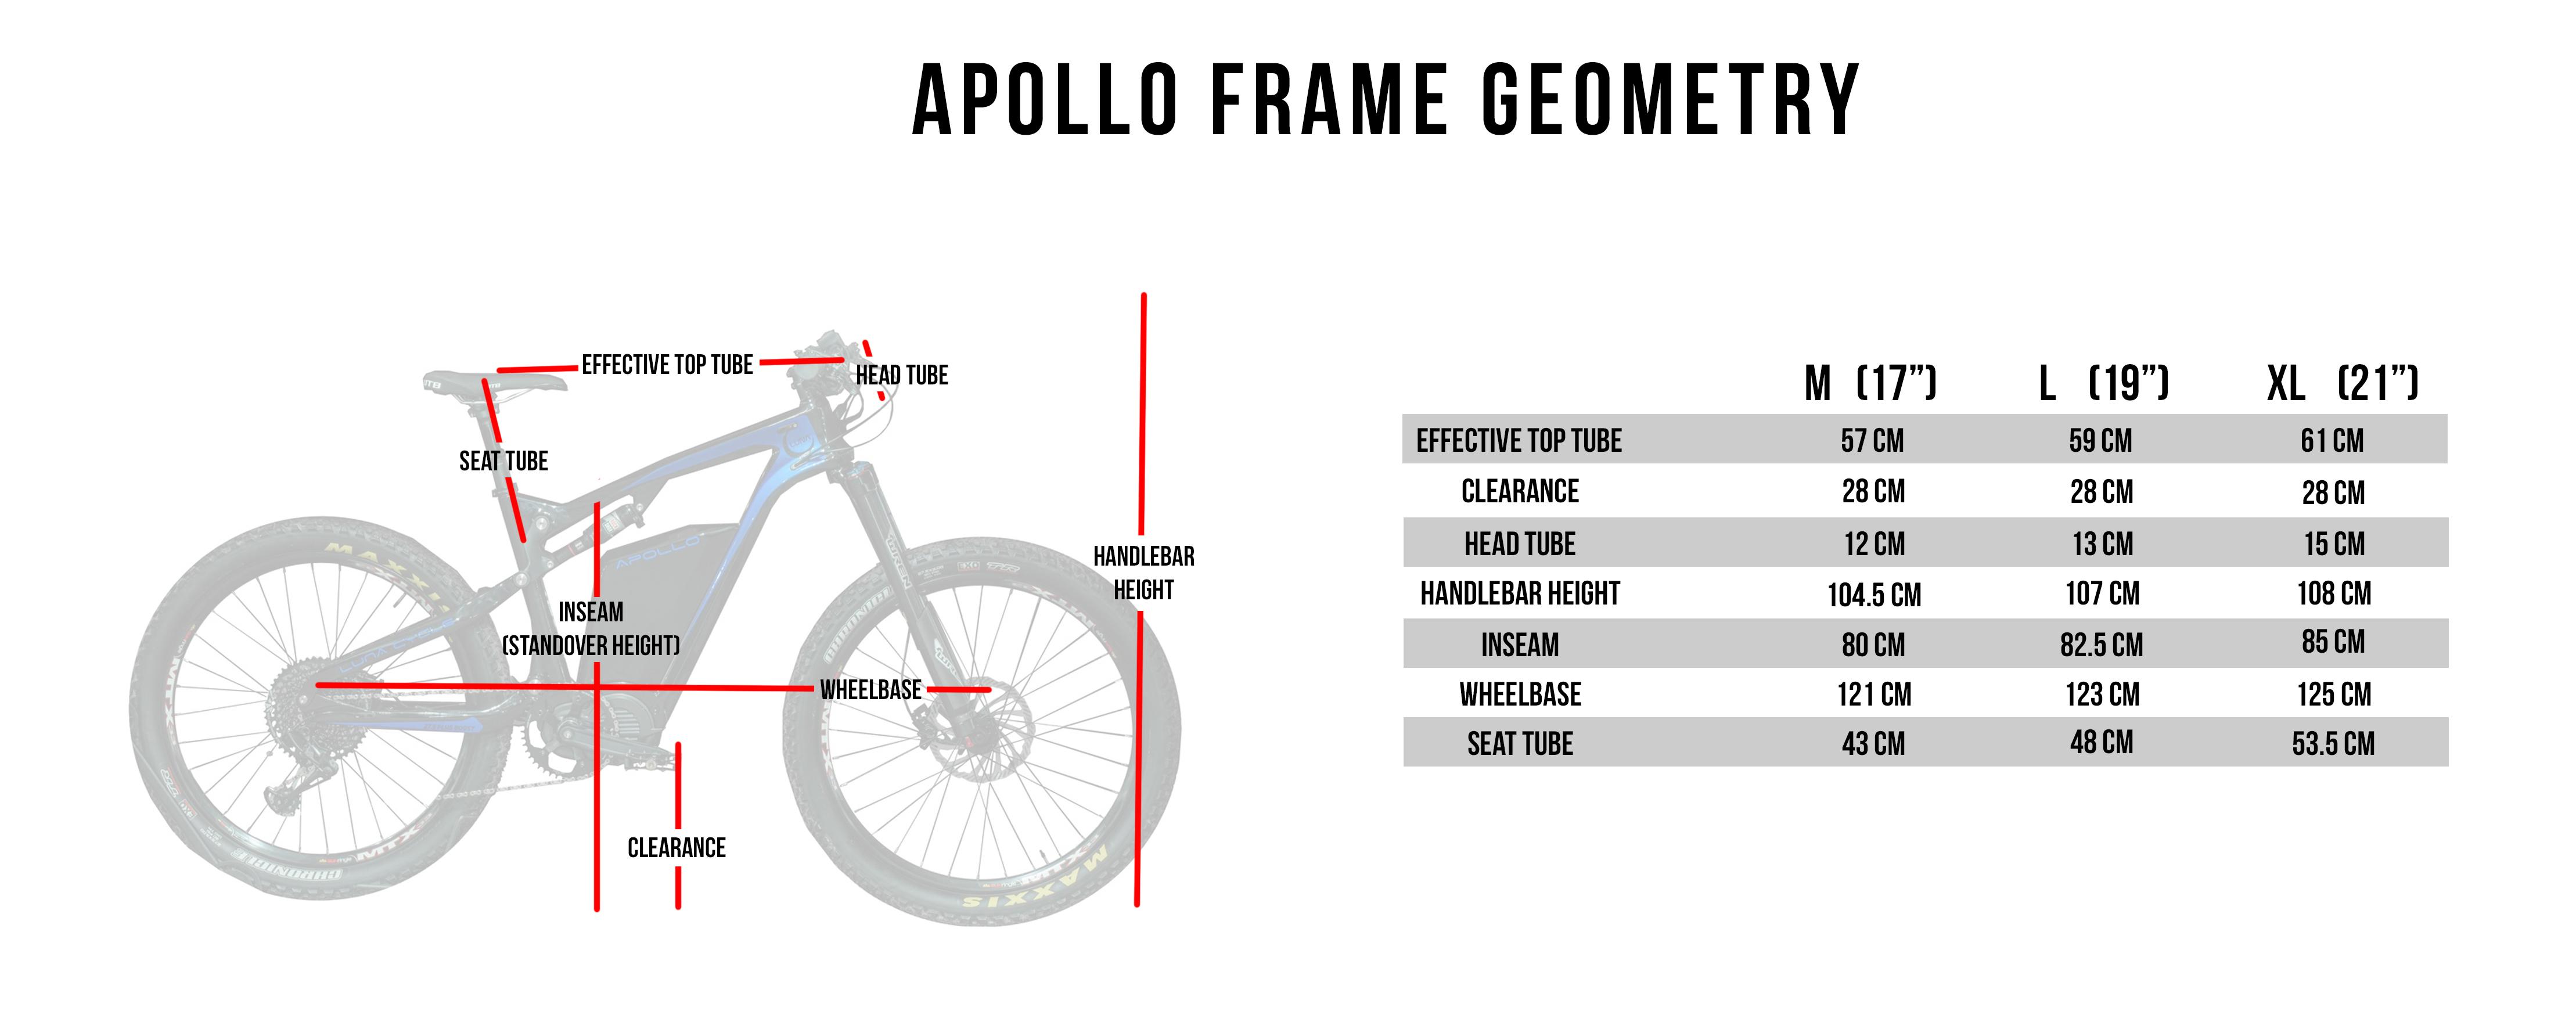 Luna Apollo Frame Geometrey